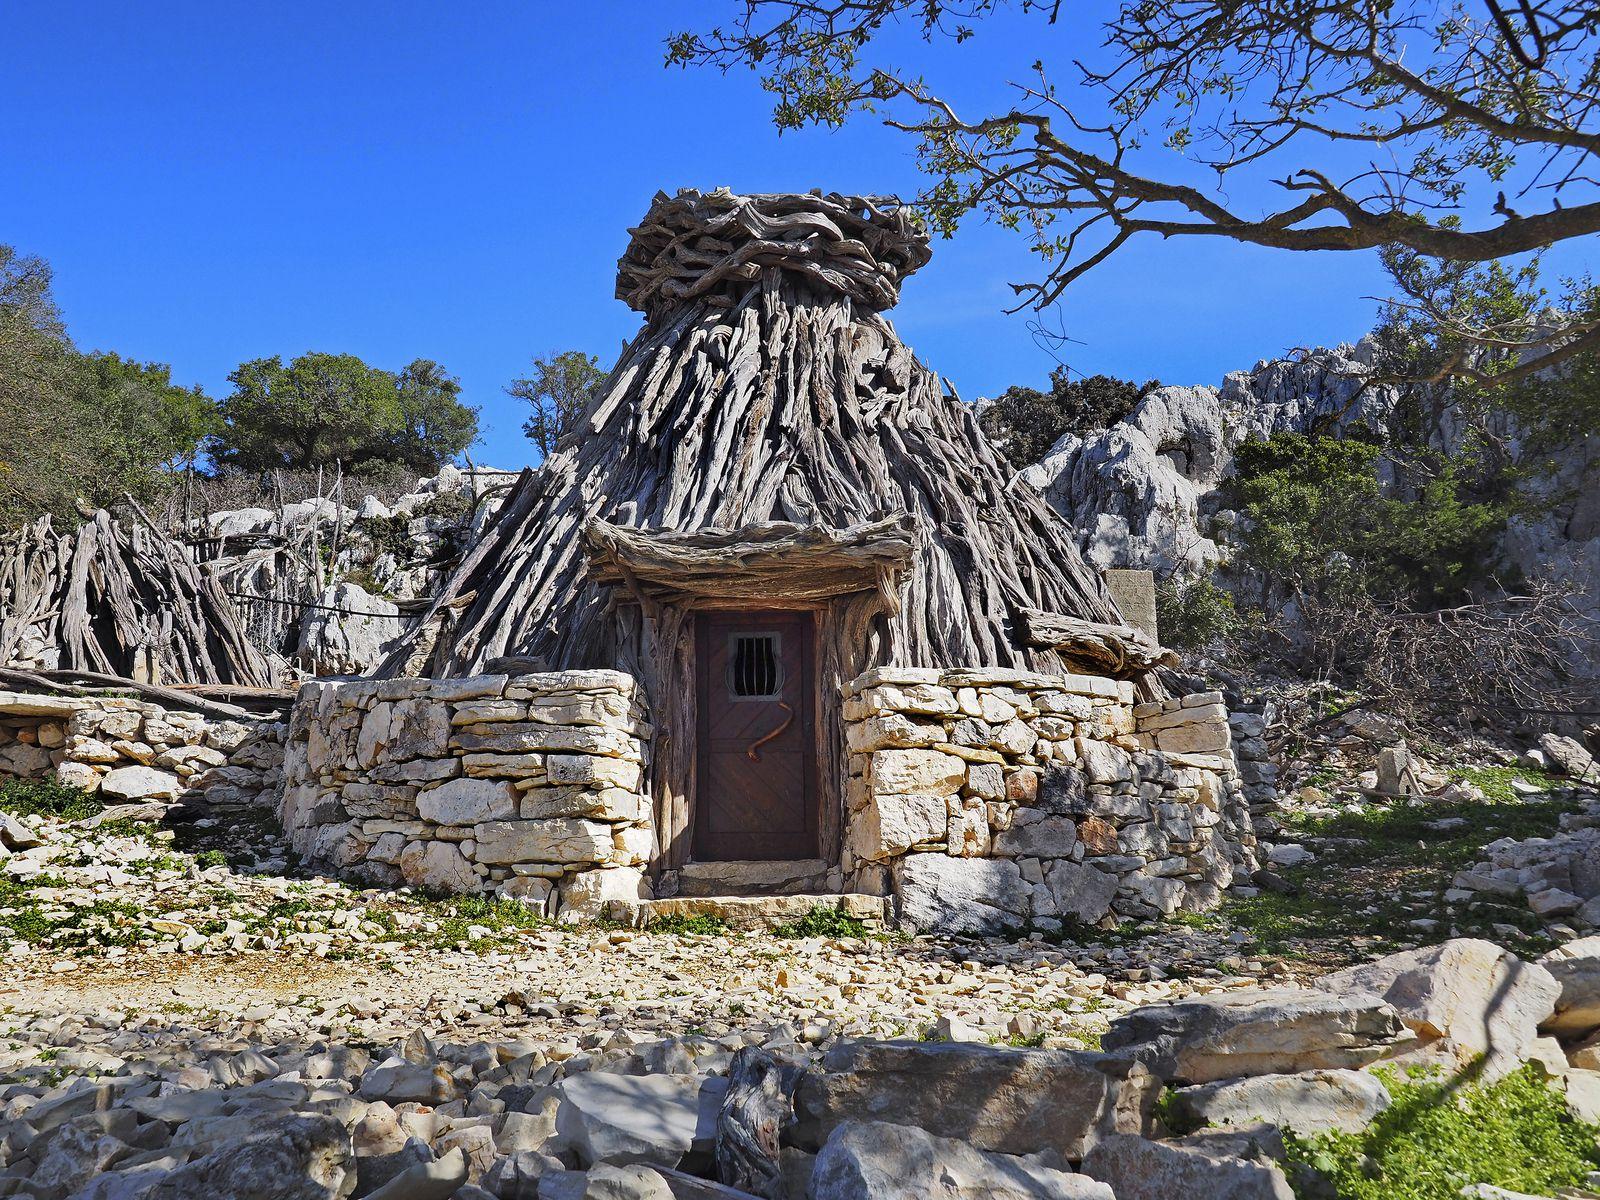 L'ovile de Us Piggius, situé au bout de la vire Giradili, est encore occupé par un berger et ses chèvres. Les oviles sont des huttes construites en branches de genévrier sur un soubassement en pierre.